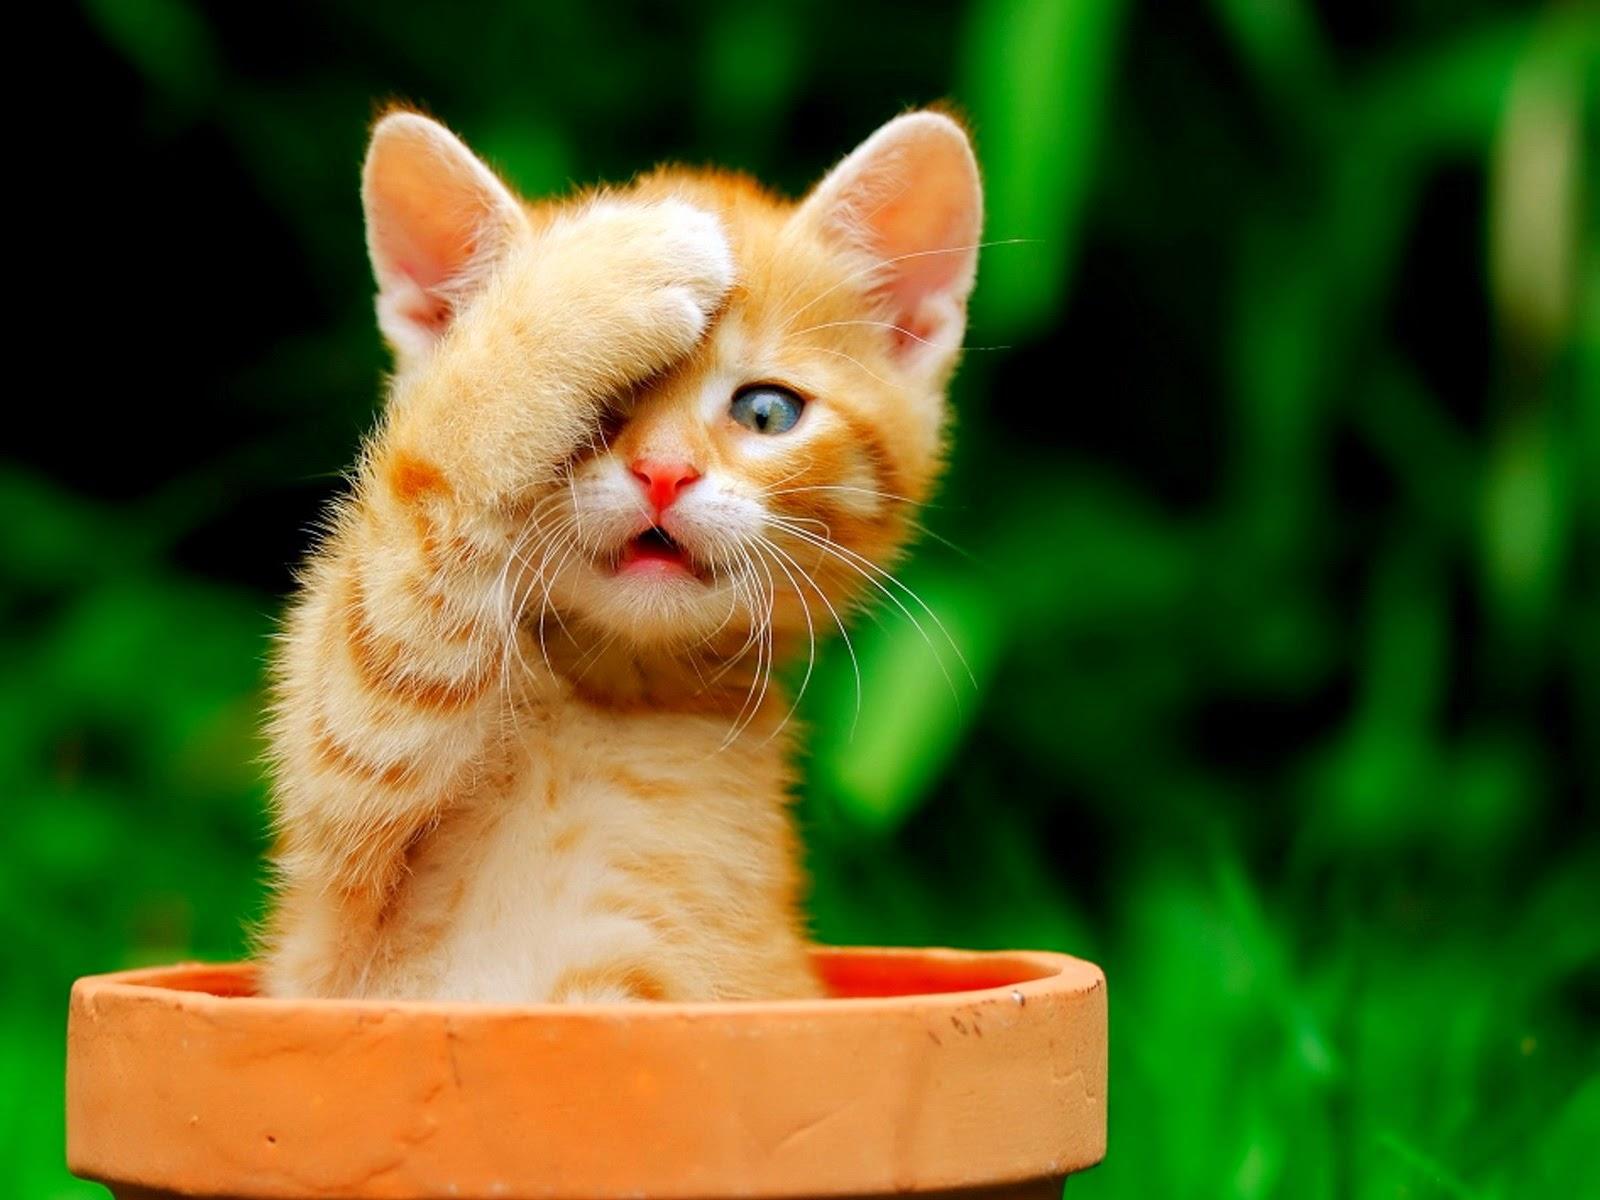 女子高生の脚ってイイよねぇぇぇ 80脚目 [無断転載禁止]©bbspink.comYouTube動画>1本 ->画像>5069枚